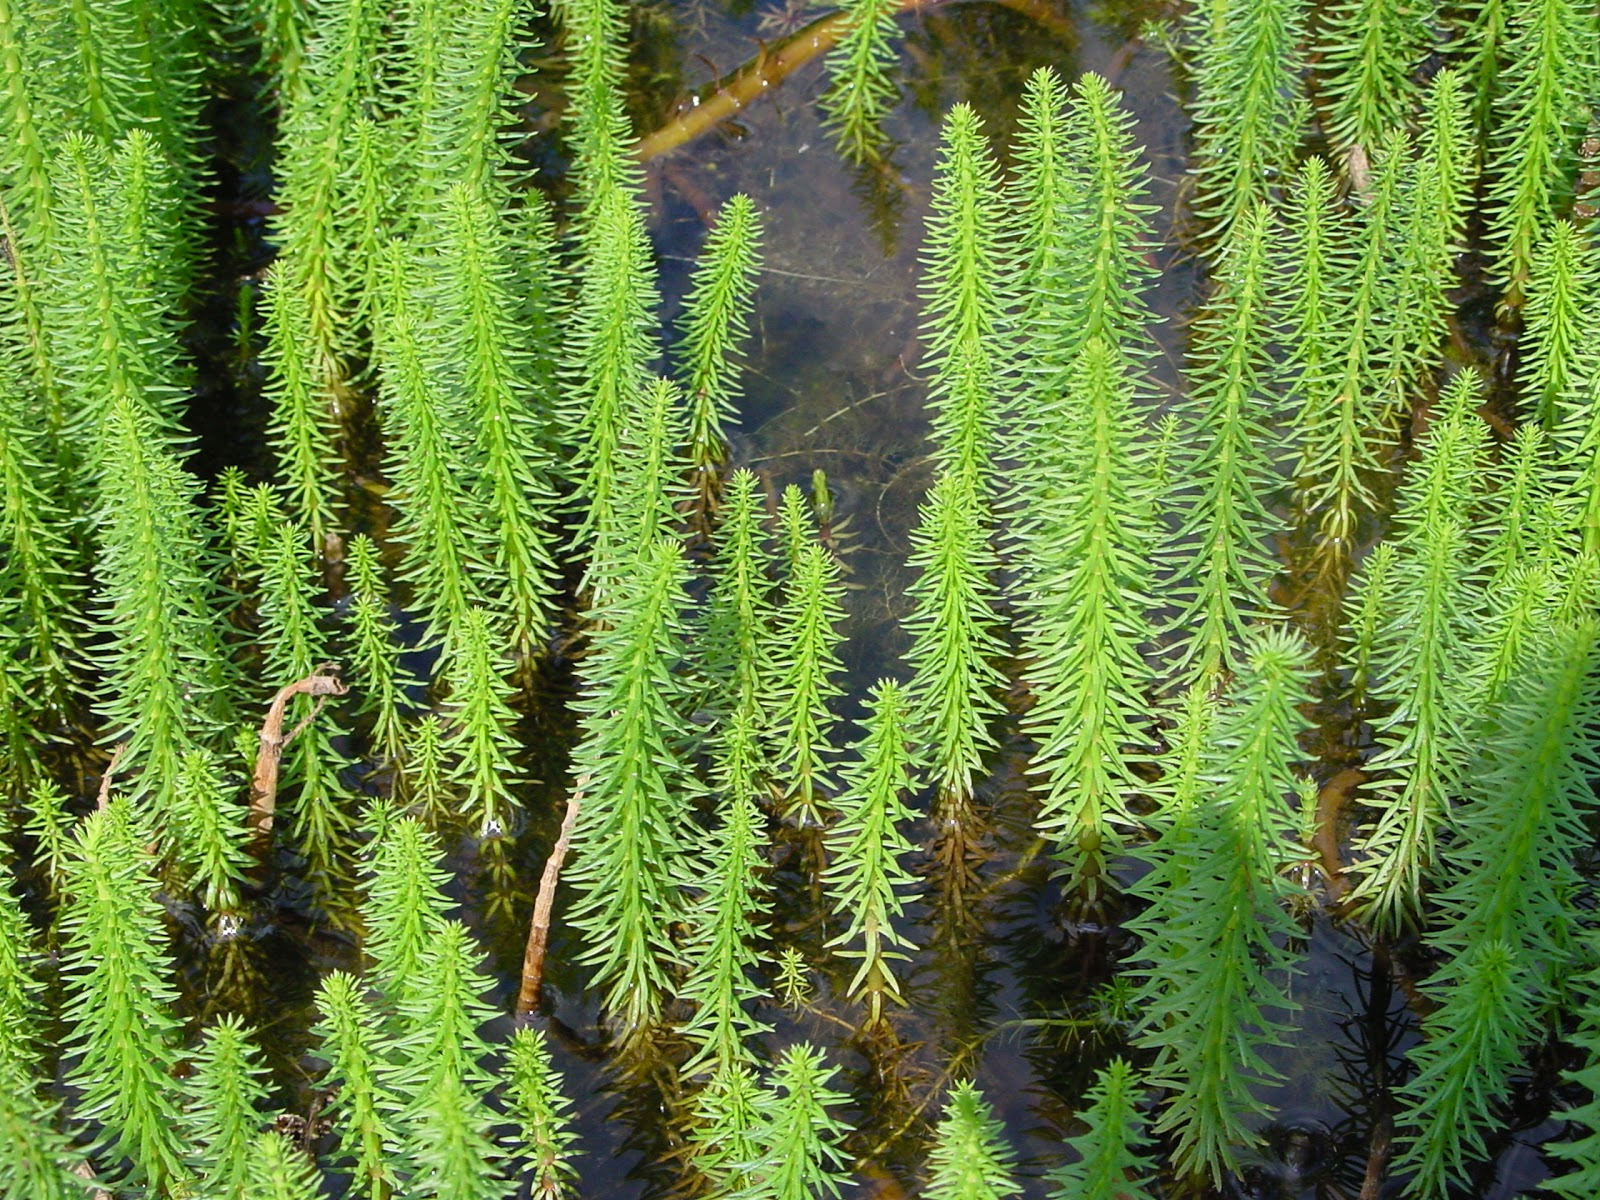 Jardineria eladio nonay plantas ribere as y palustres for Jardineria y plantas